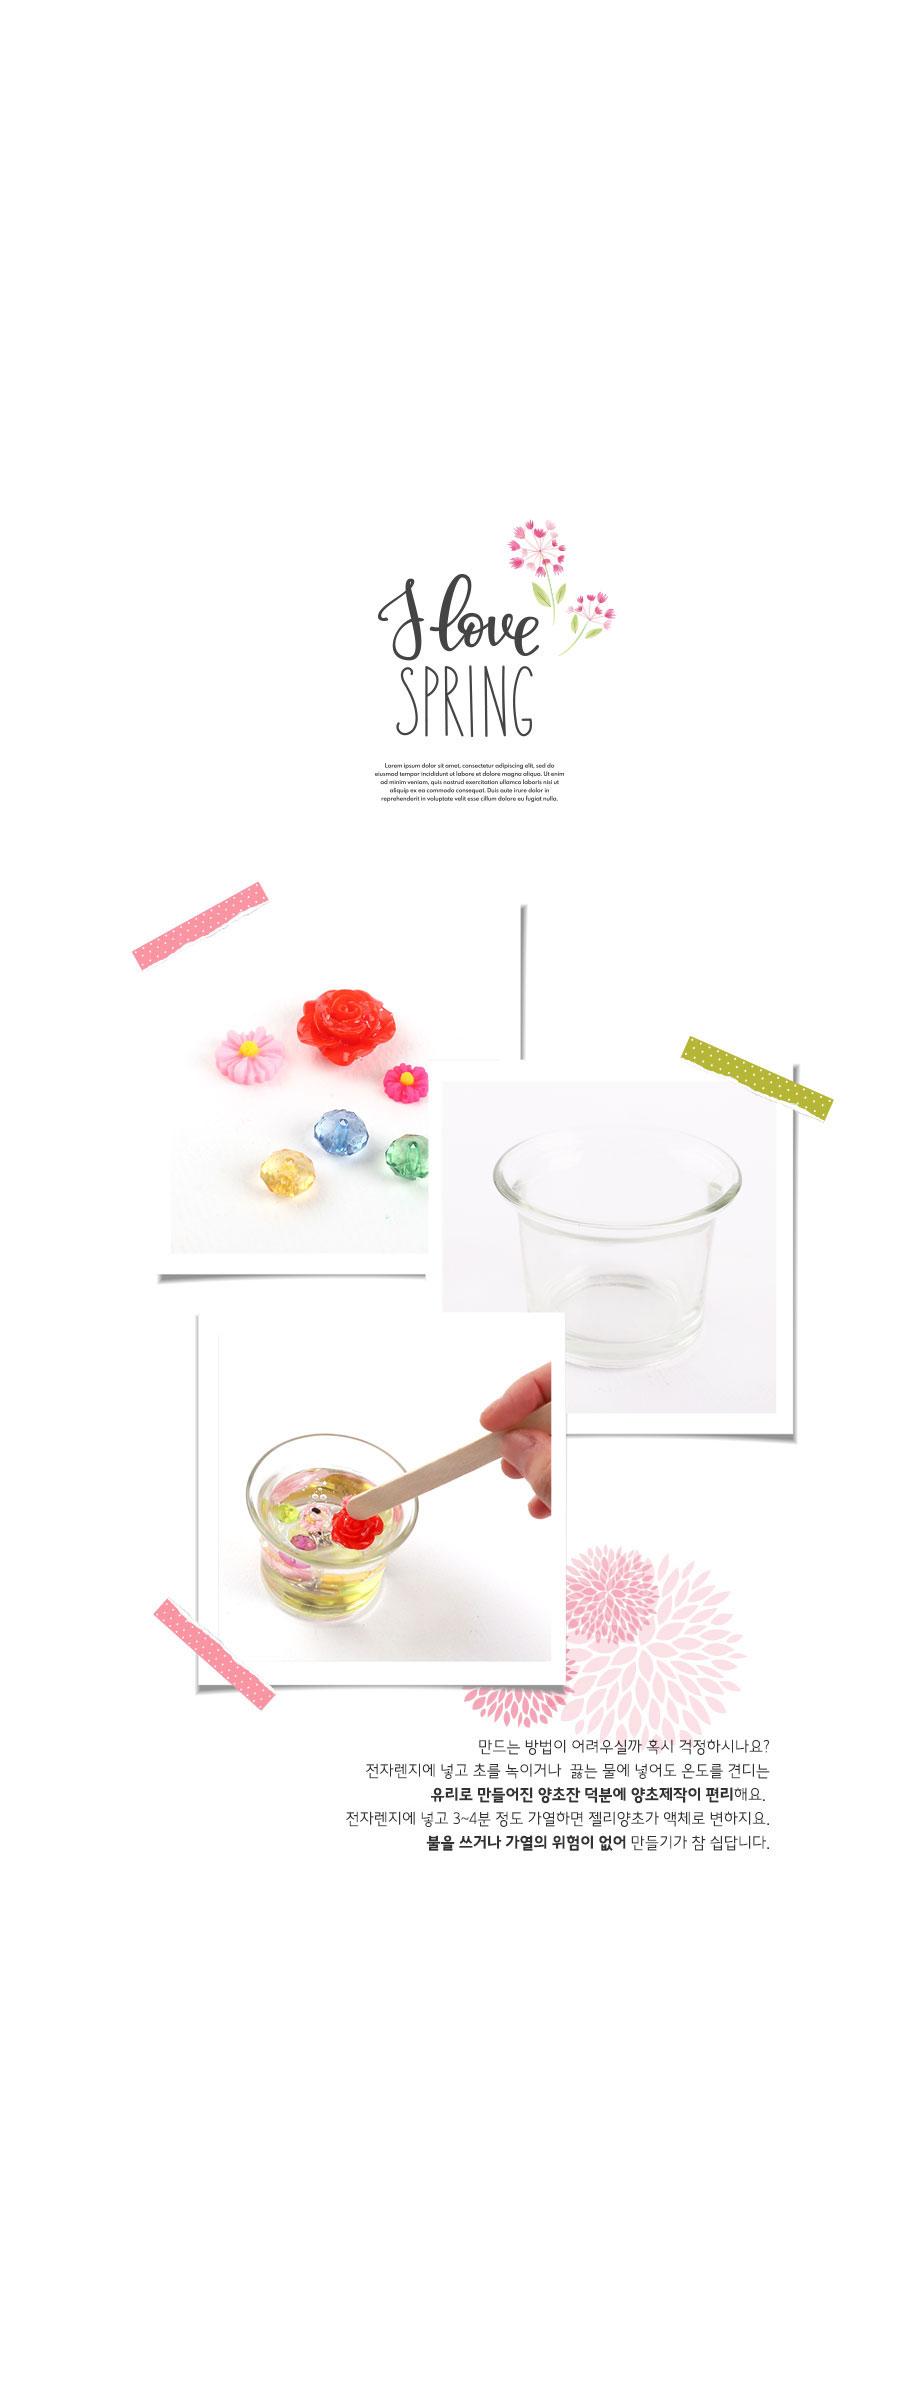 플라워젤리양초(5개)/양초만들기세트/캔들/체험 - 아트랄라, 11,800원, 전통/염색공예, 기타소품 패키지